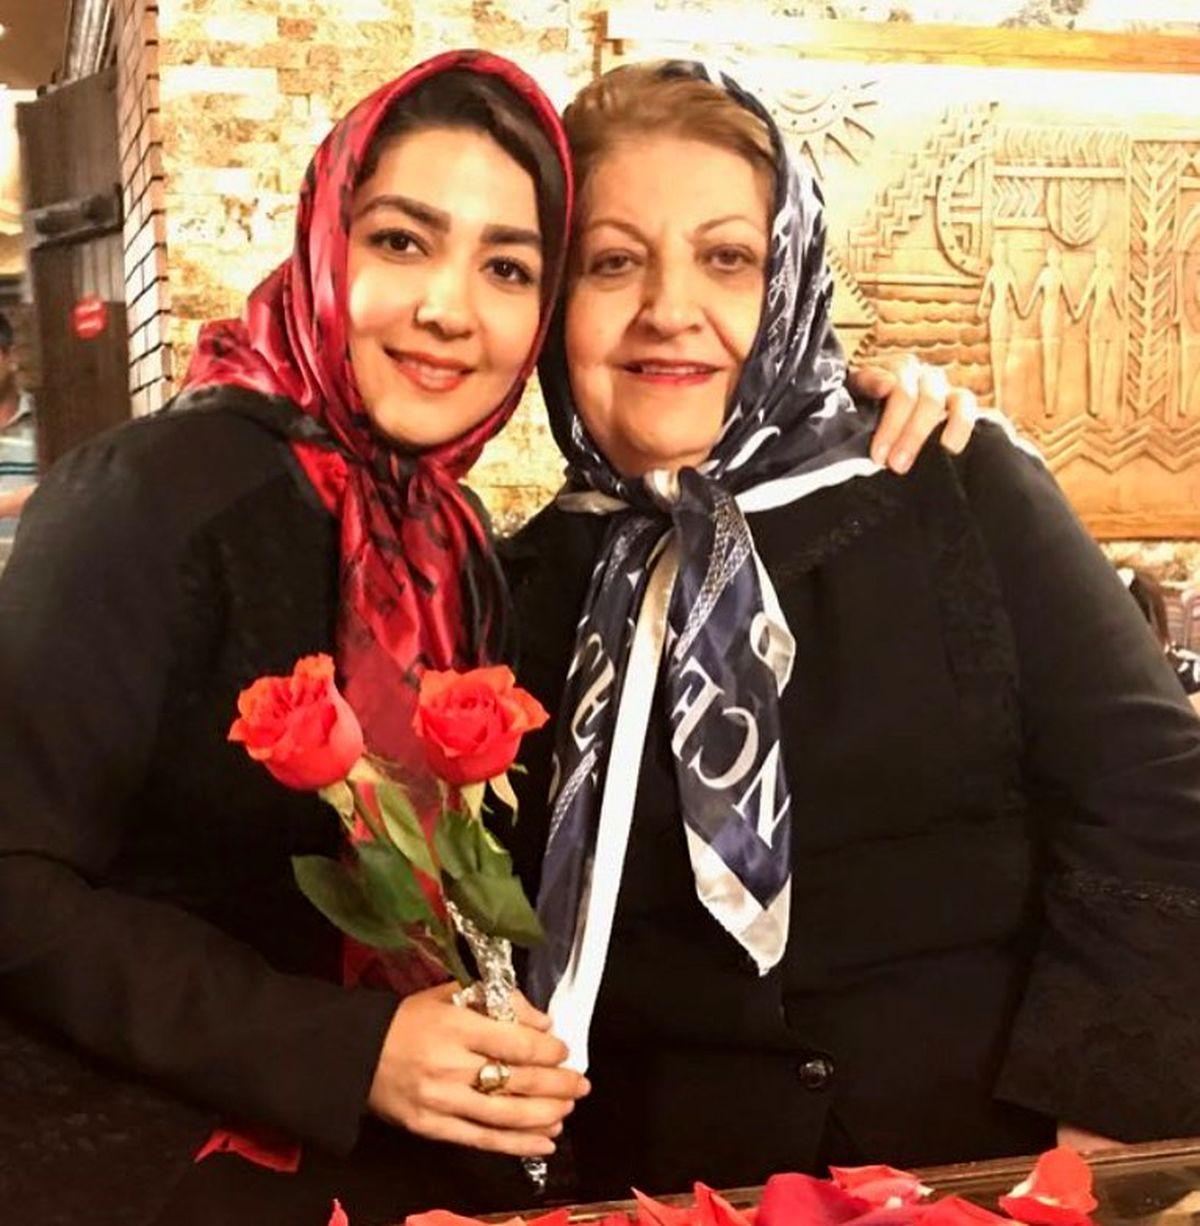 سارا صوفیانی : دردونه مامان و باباش